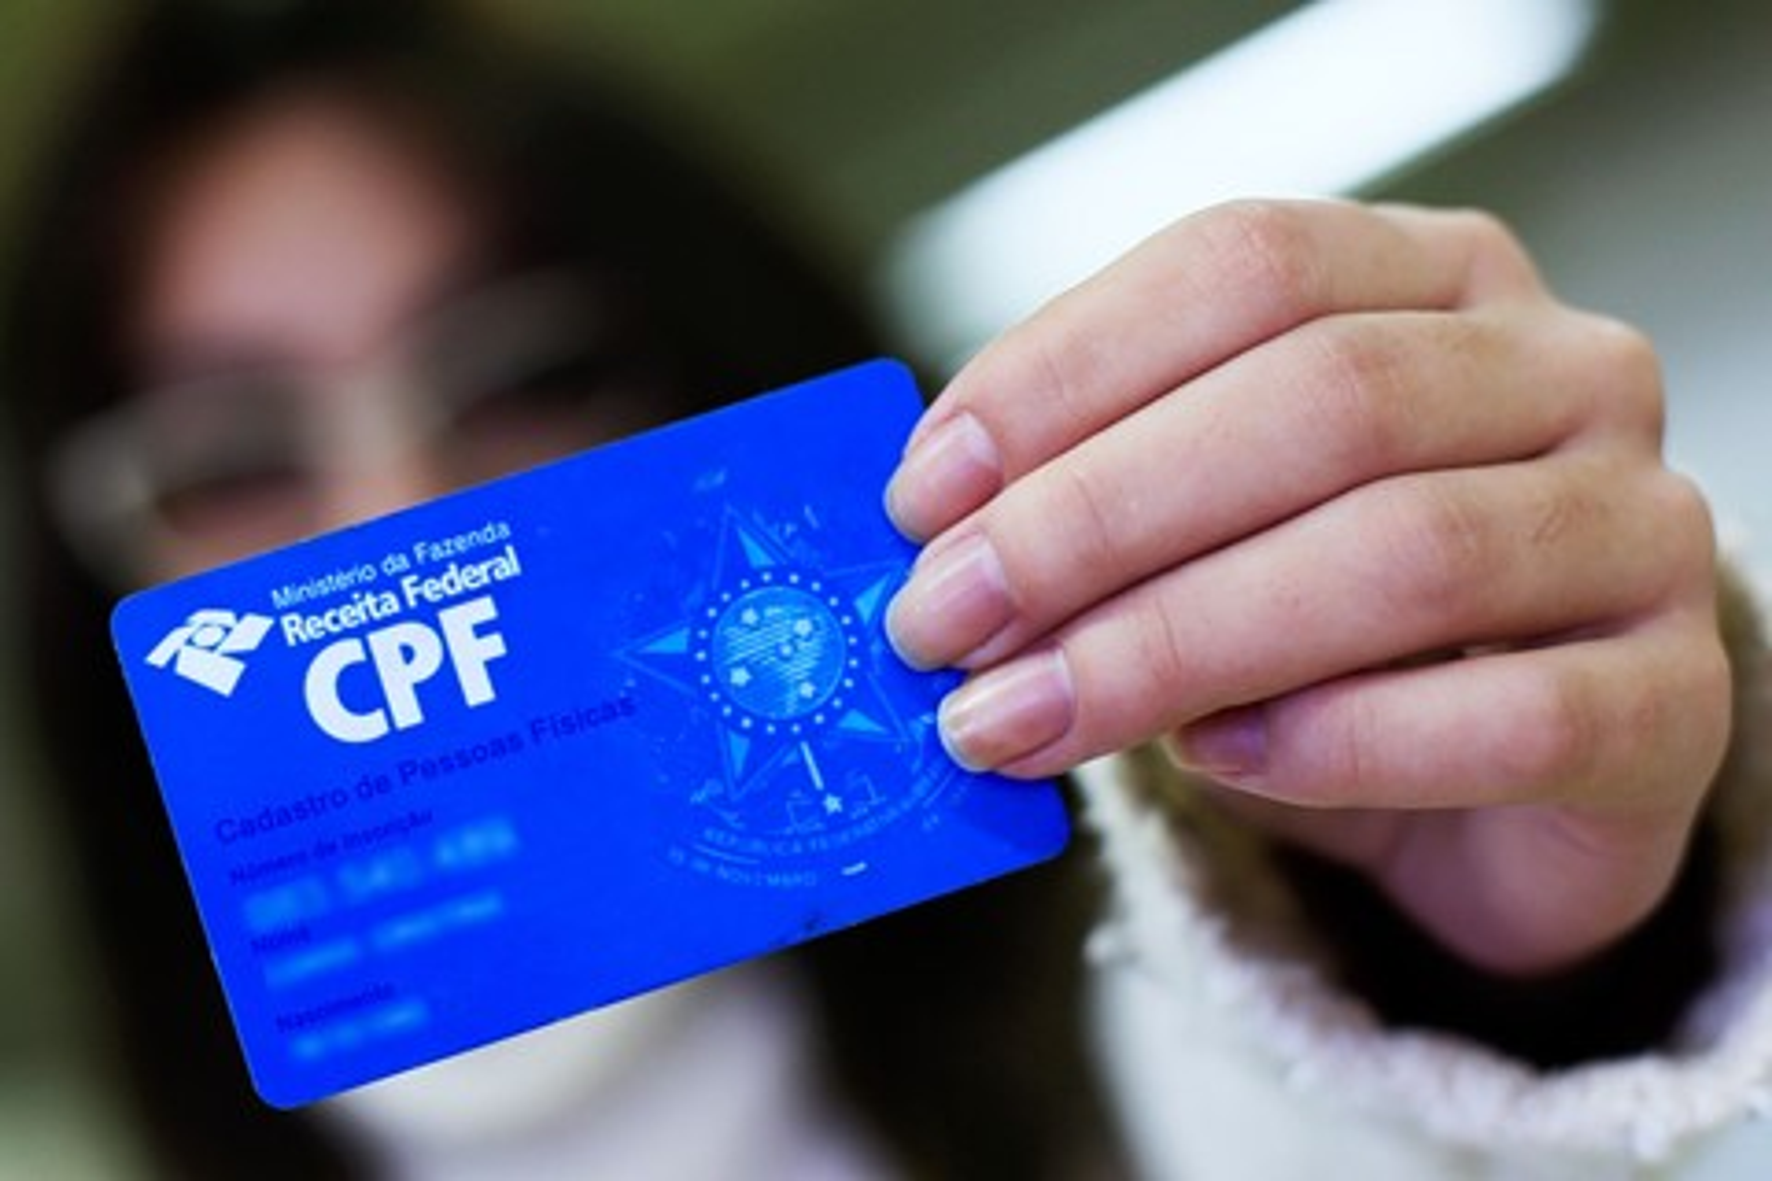 Imagem de Fraude: site divulga CPF de milhões de brasileiro sem autorização no tecmundo